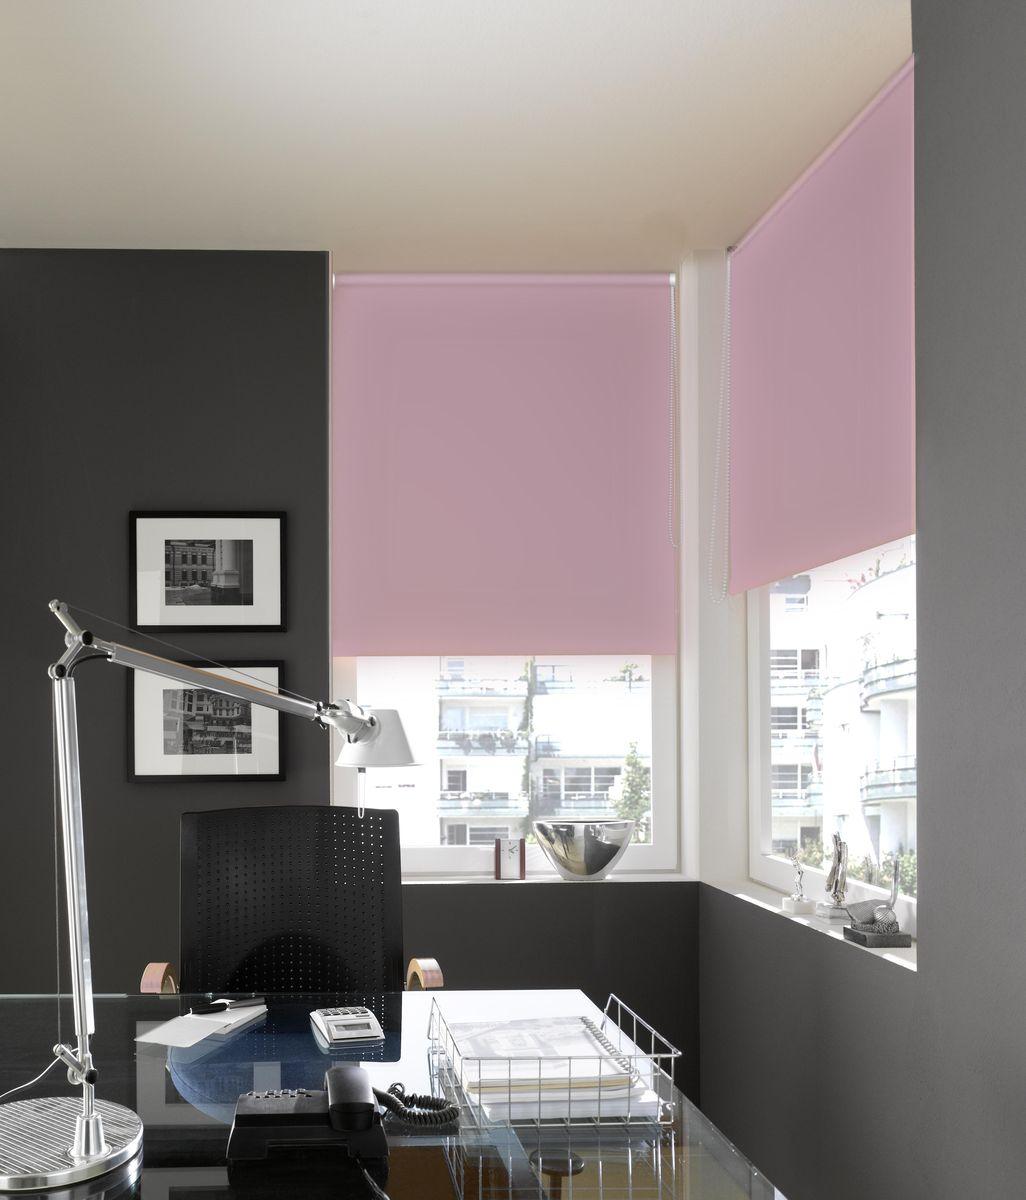 Штора рулонная Эскар Миниролло. Blackout, светонепроницаемая, цвет: розовый кварц, ширина 68 см, высота 170 см34933068170Рулонными шторами можно оформлять окна как самостоятельно, так и использовать в комбинации с портьерами. Это поможет предотвратить выгорание дорогой ткани на солнце и соединит функционал рулонных с красотой навесных. Преимущества применения рулонных штор для пластиковых окон: - имеют прекрасный внешний вид: многообразие и фактурность материала изделия отлично смотрятся в любом интерьере; - многофункциональны: есть возможность подобрать шторы способные эффективно защитить комнату от солнца, при этом она не будет слишком темной. - Есть возможность осуществить быстрый монтаж. ВНИМАНИЕ! Размеры ширины изделия указаны по ширине ткани! Во время эксплуатации не рекомендуется полностью разматывать рулон, чтобы не оторвать ткань от намоточного вала. В случае загрязнения поверхности ткани, чистку шторы проводят одним из способов, в зависимости от типа загрязнения: легкое поверхностное загрязнение можно удалить при помощи канцелярского ластика; чистка от пыли производится сухим методом при...